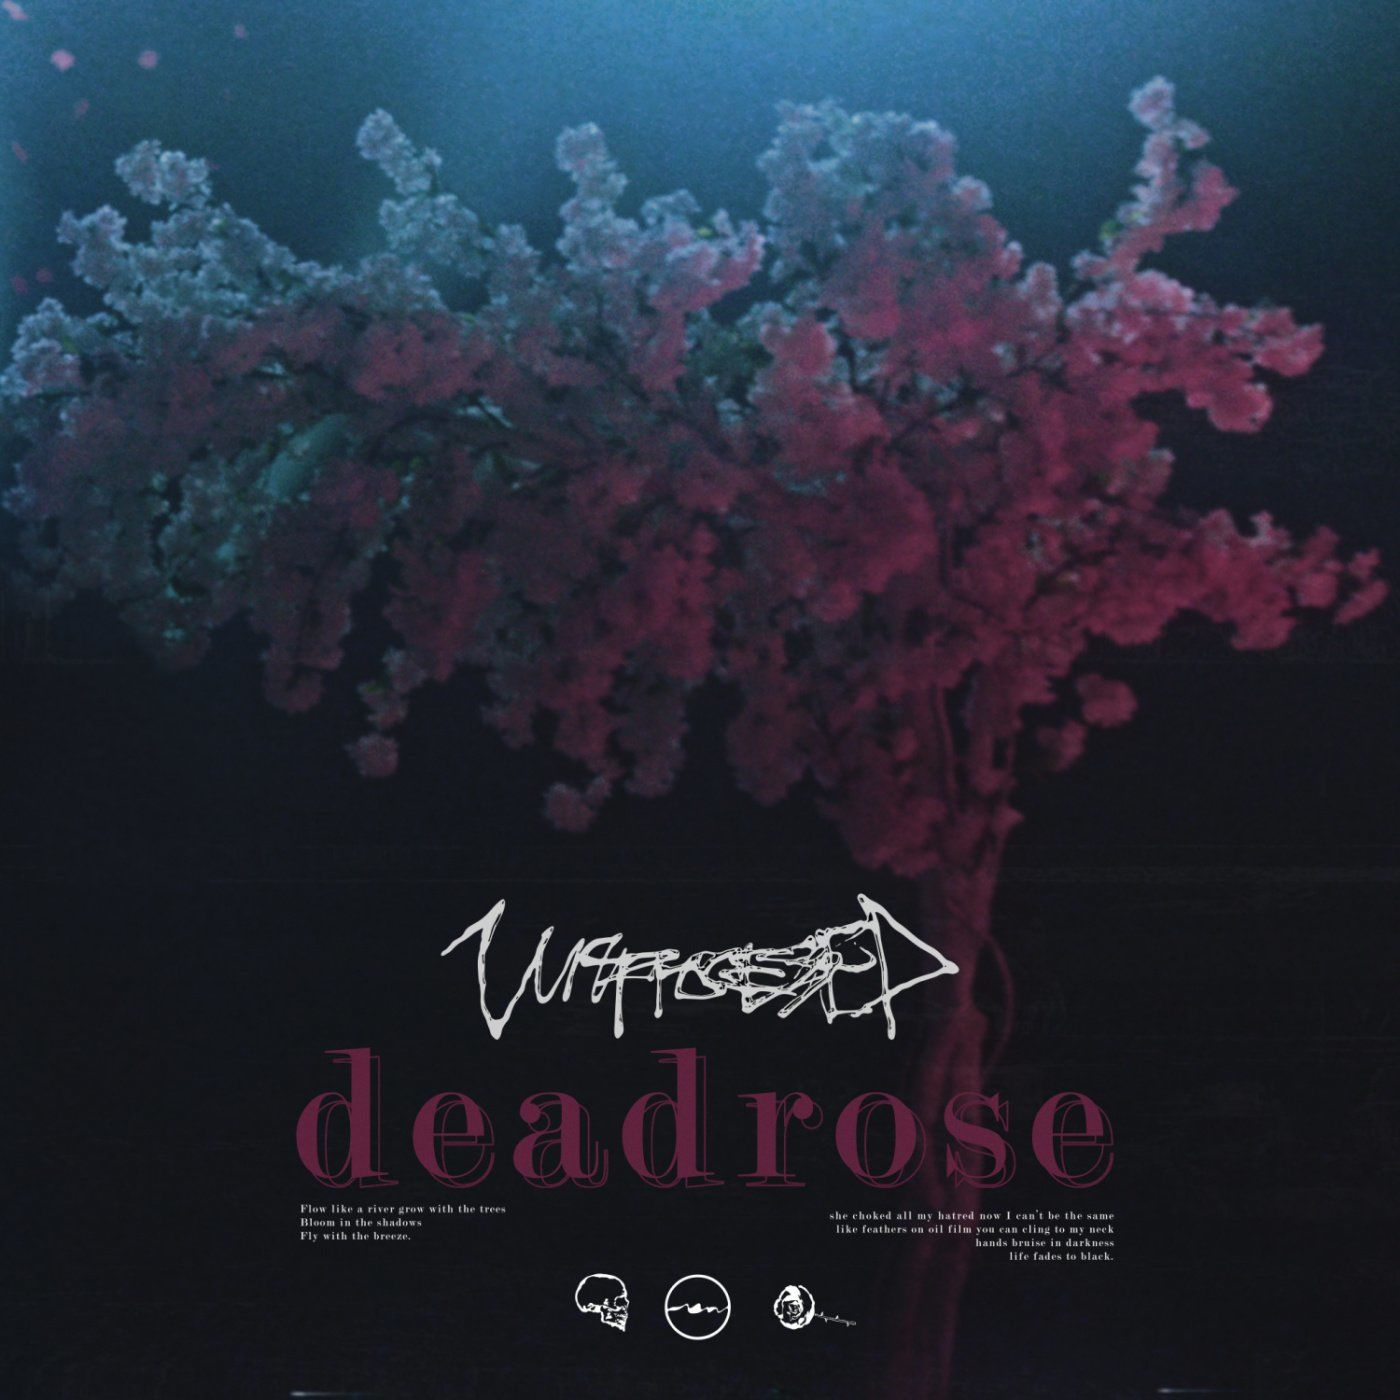 Unprocessed - Deadrose [single] (2020)